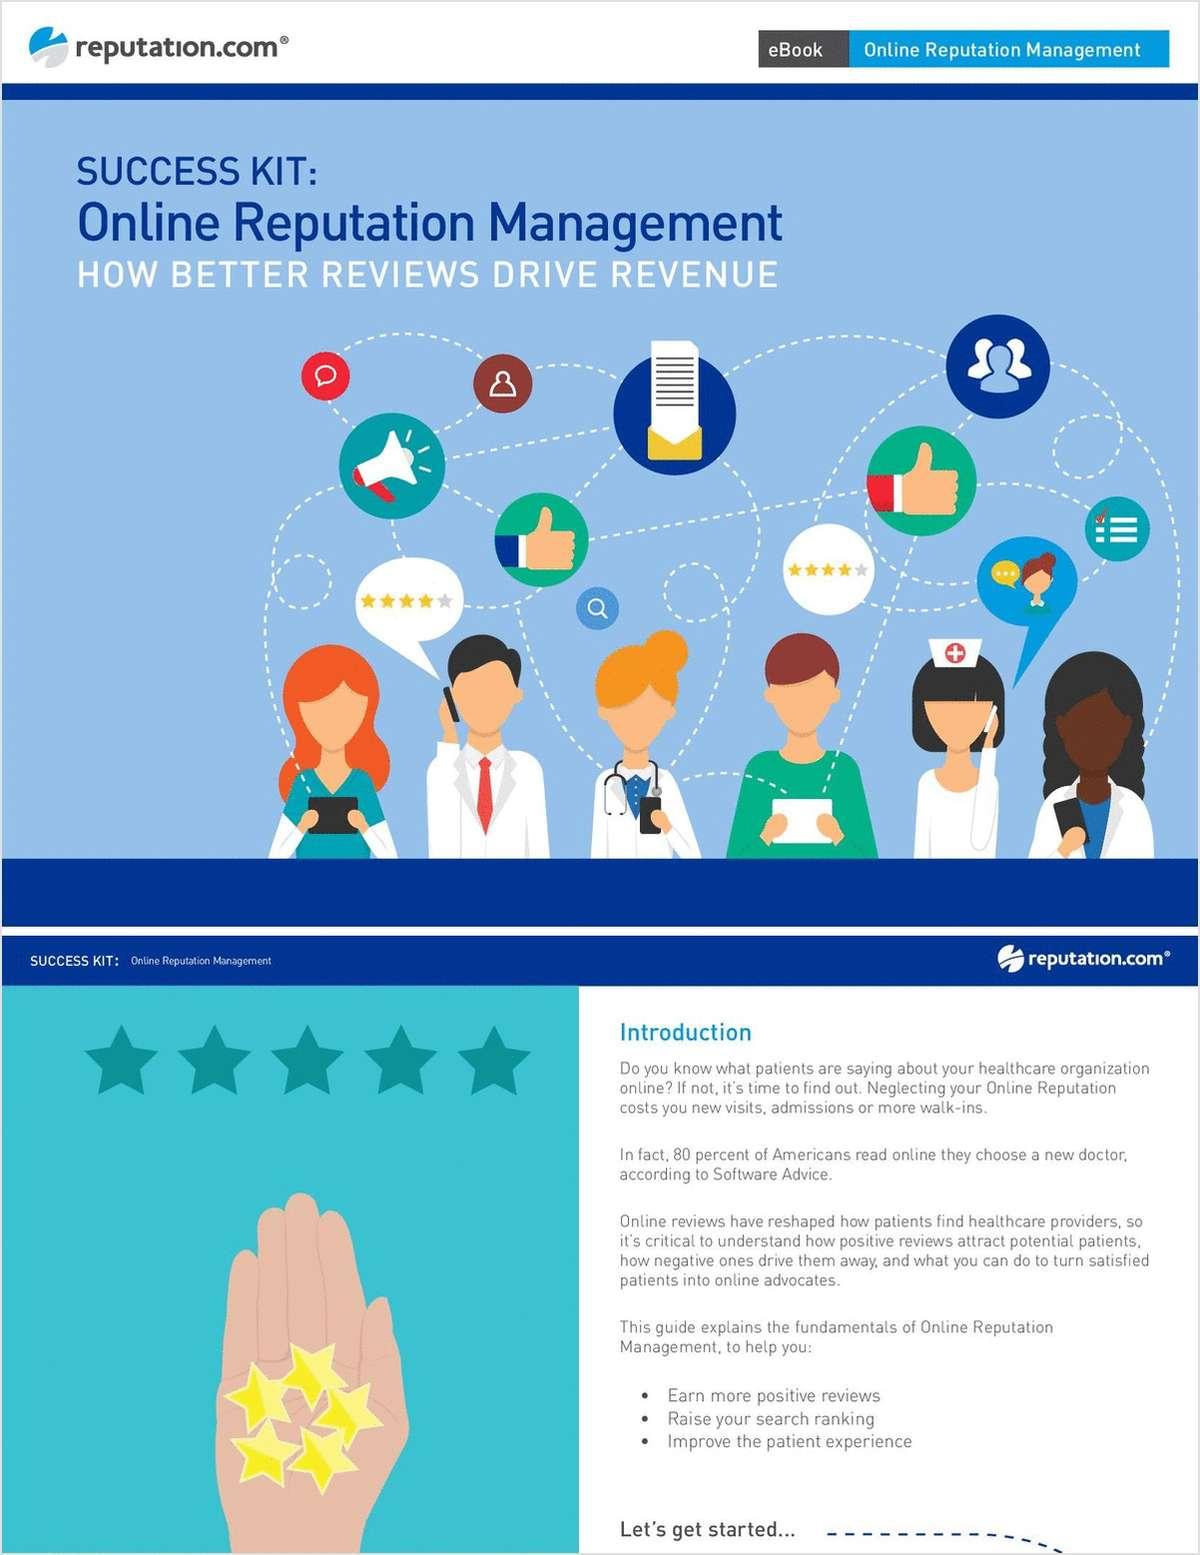 Online Reputation Management: How Better Reviews Drive Revenue